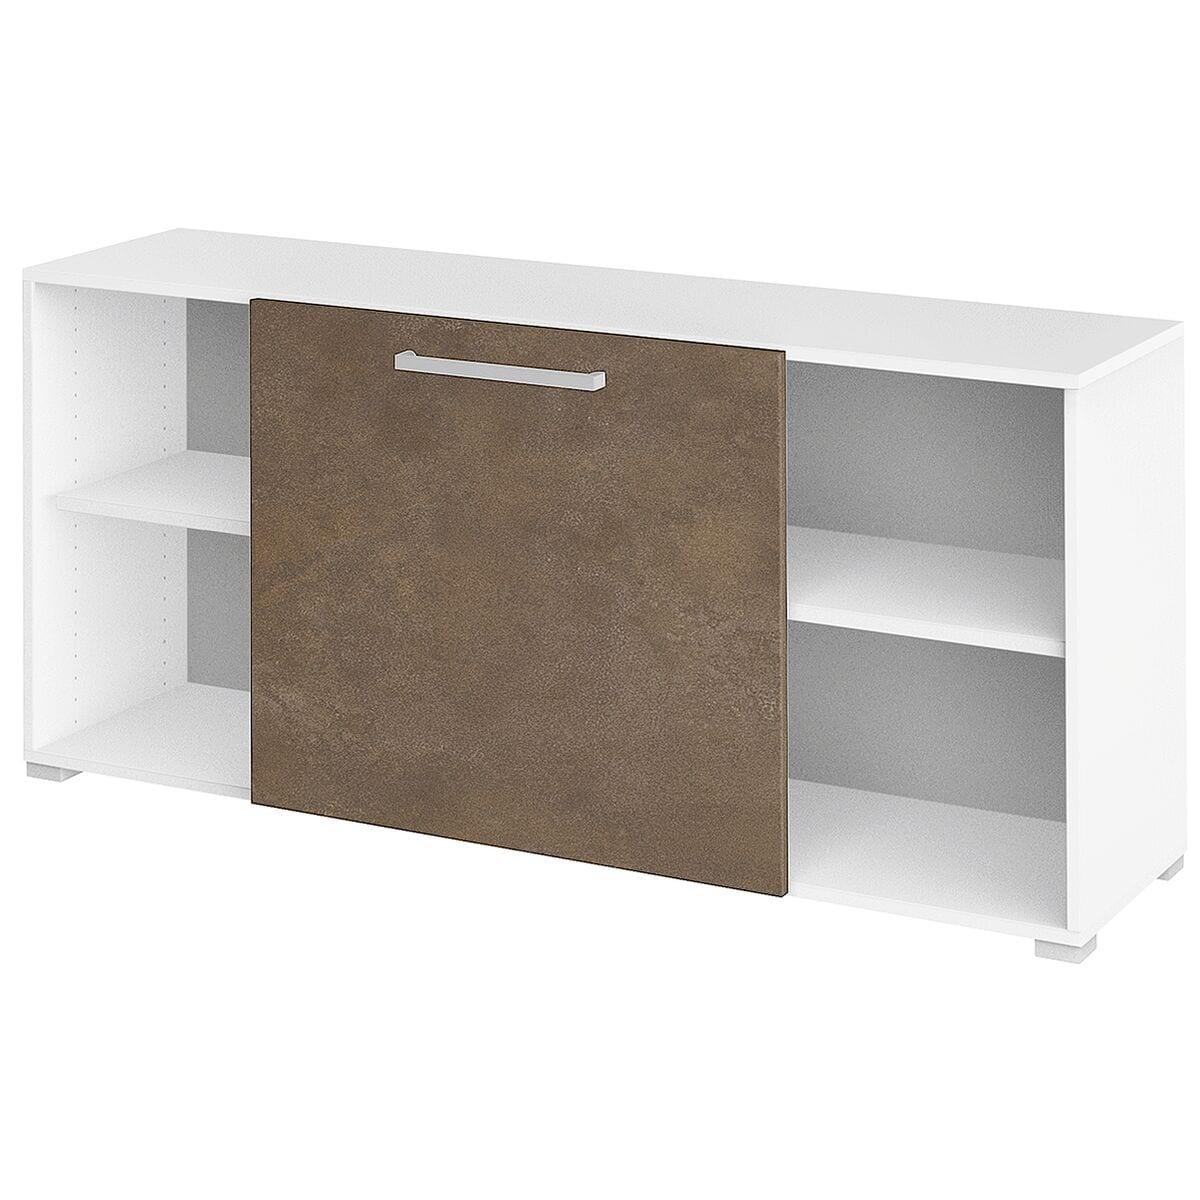 sideboard objekt plus 1 schiebet r bei otto office g nstig kaufen. Black Bedroom Furniture Sets. Home Design Ideas